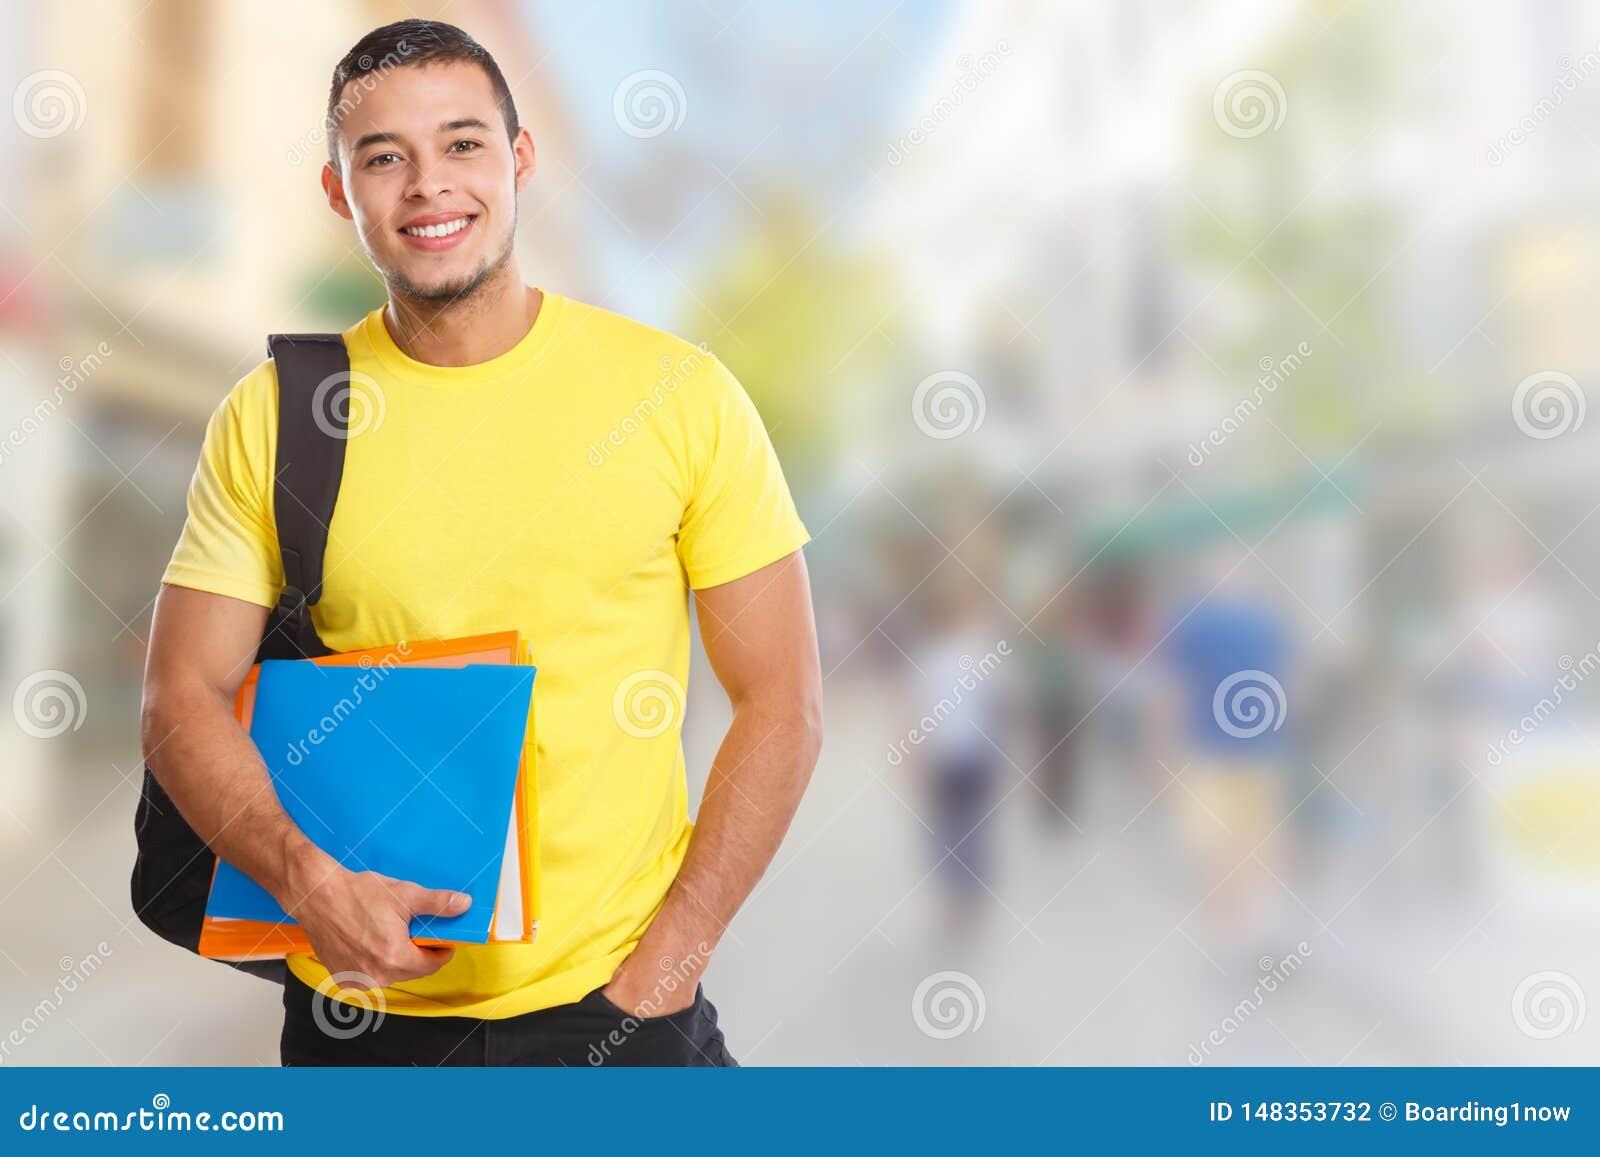 Διαστημικοί μαθαίνοντας χαμογελώντας άνθρωποι πόλης copyspace αντιγράφων νεαρών άνδρων σπουδαστών